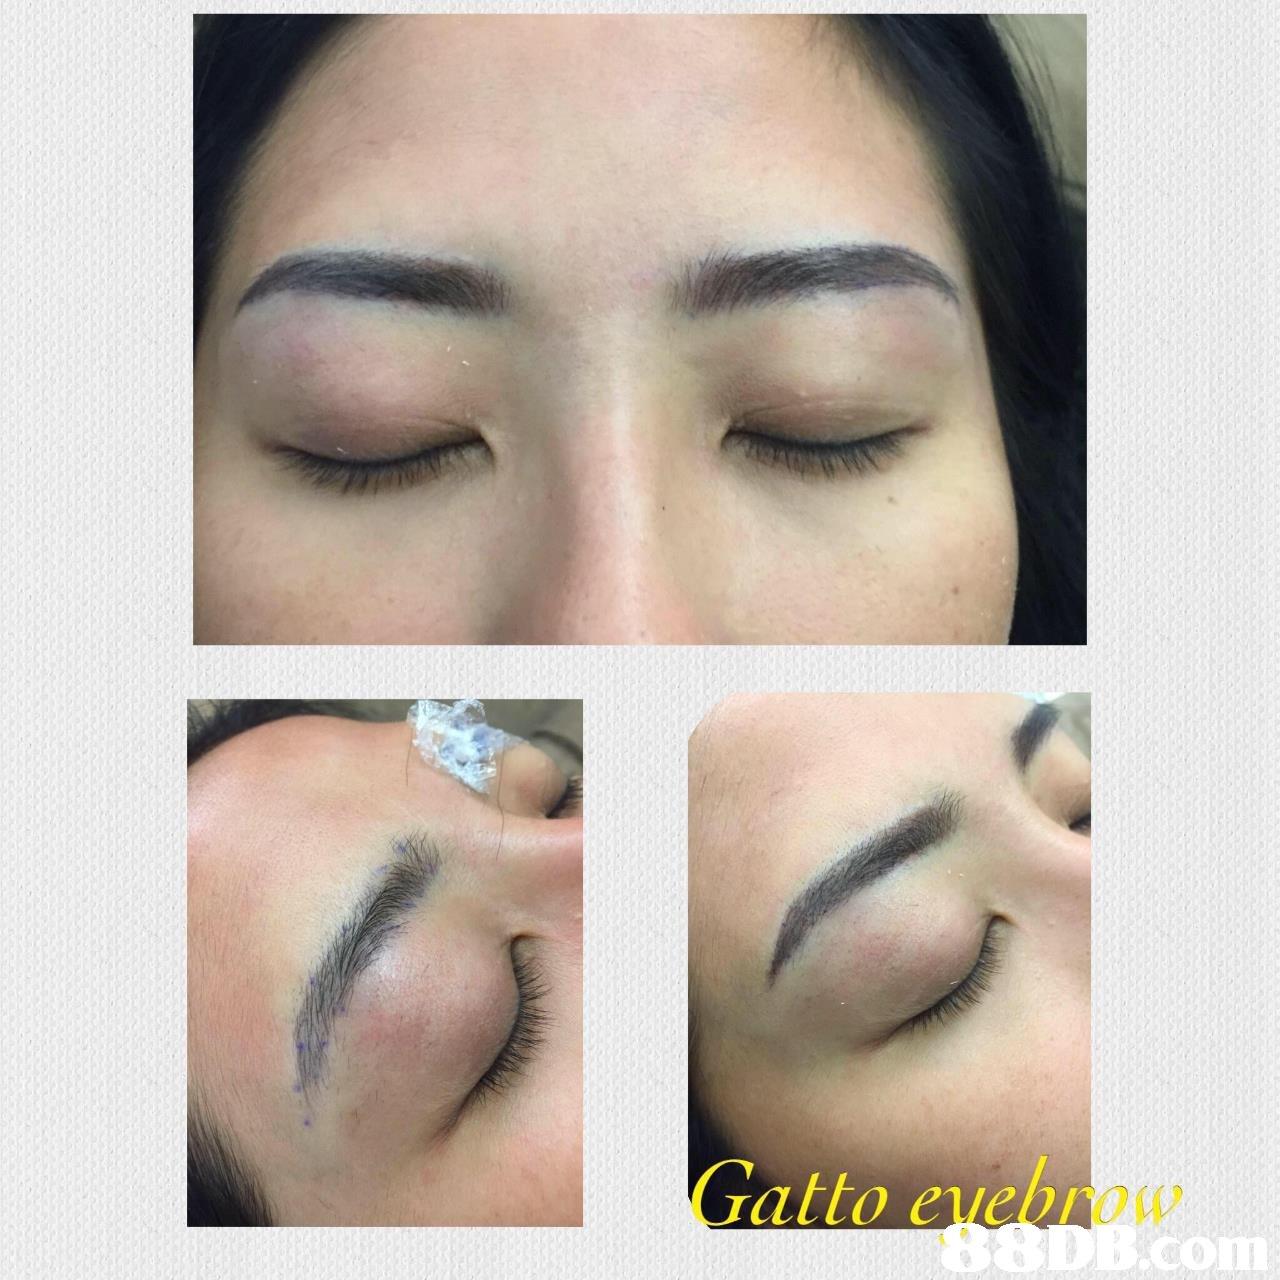 atto evebrow co  eyebrow,nose,eyelash,lip,eye shadow